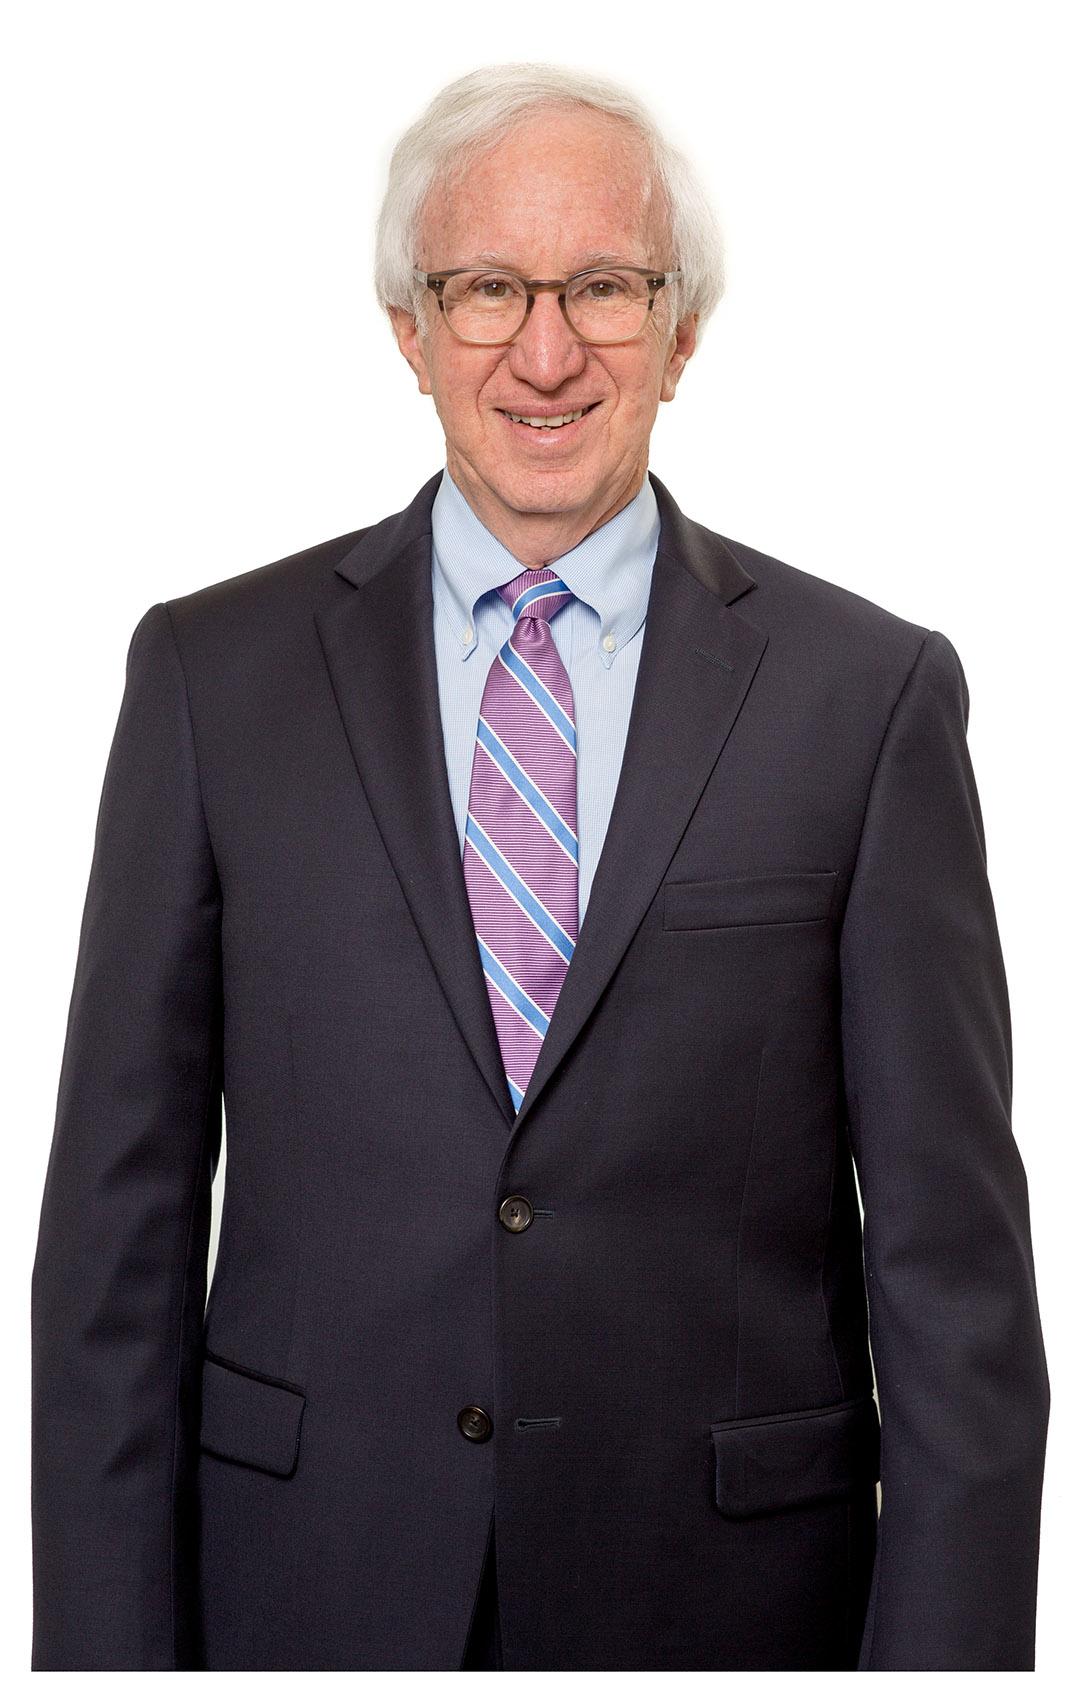 Jeffrey A. Deutch